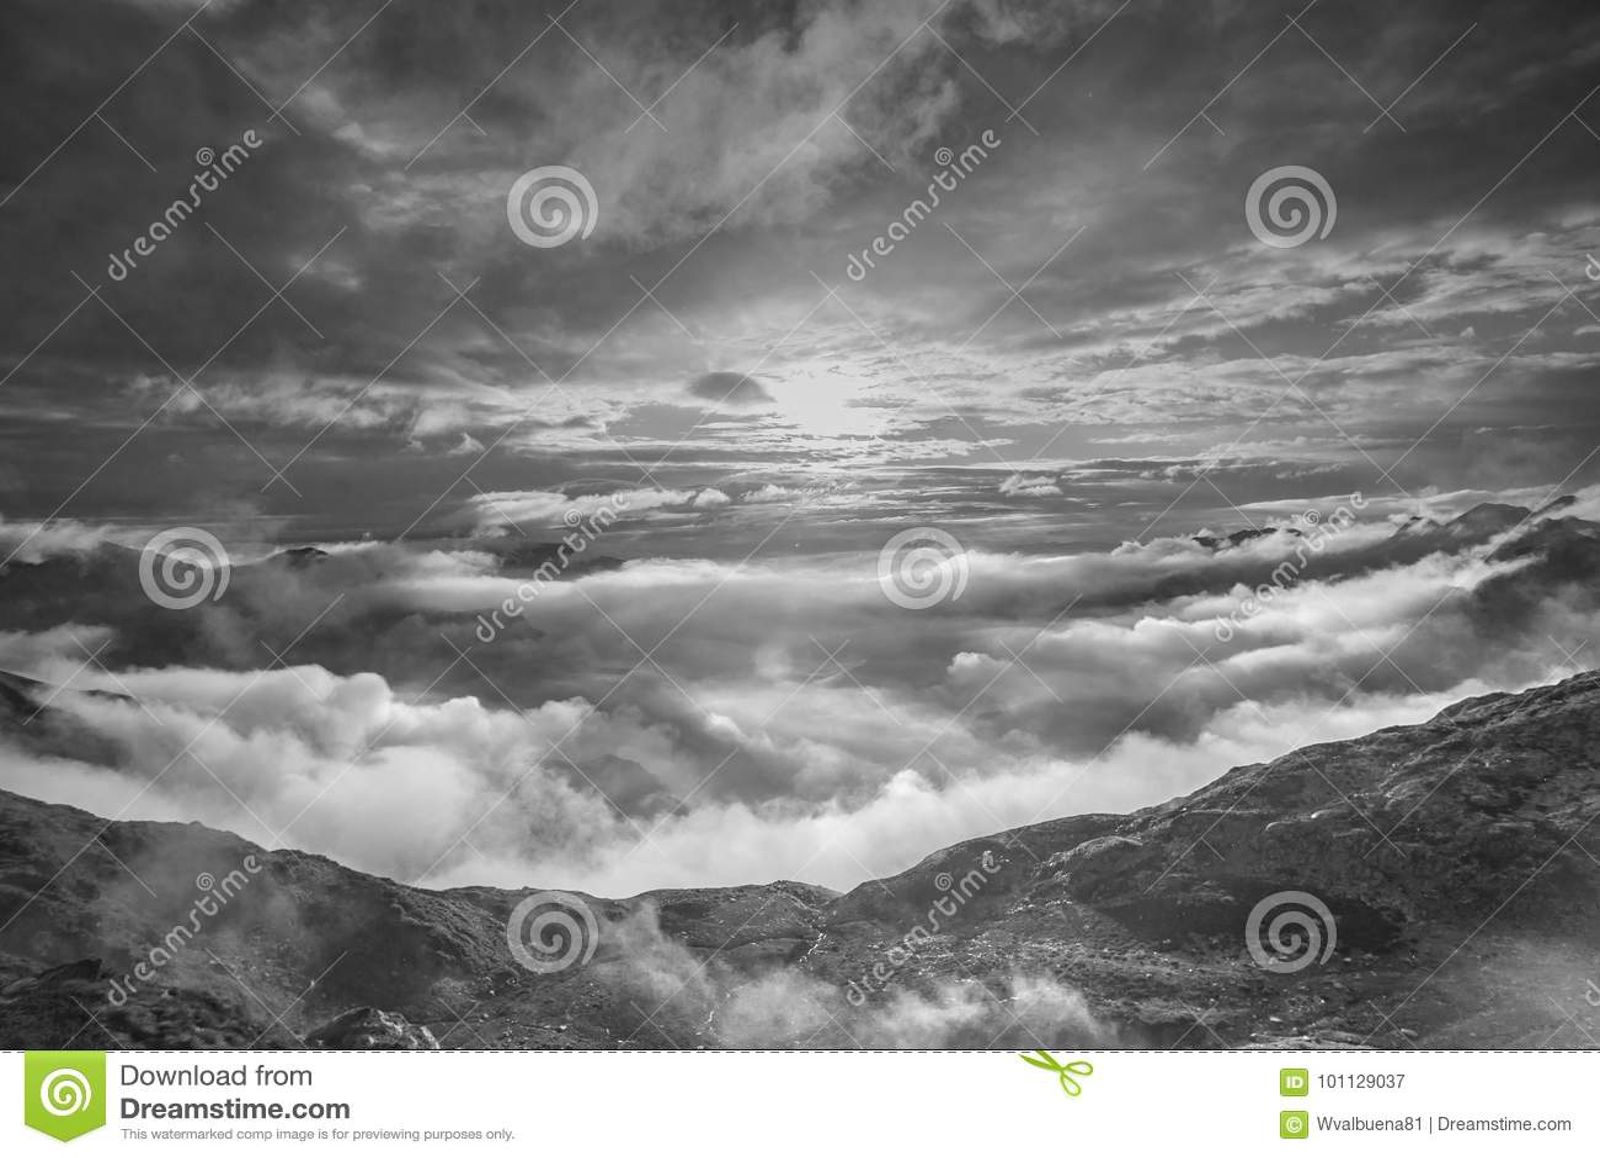 Paesaggio in bianco e nero della montagna